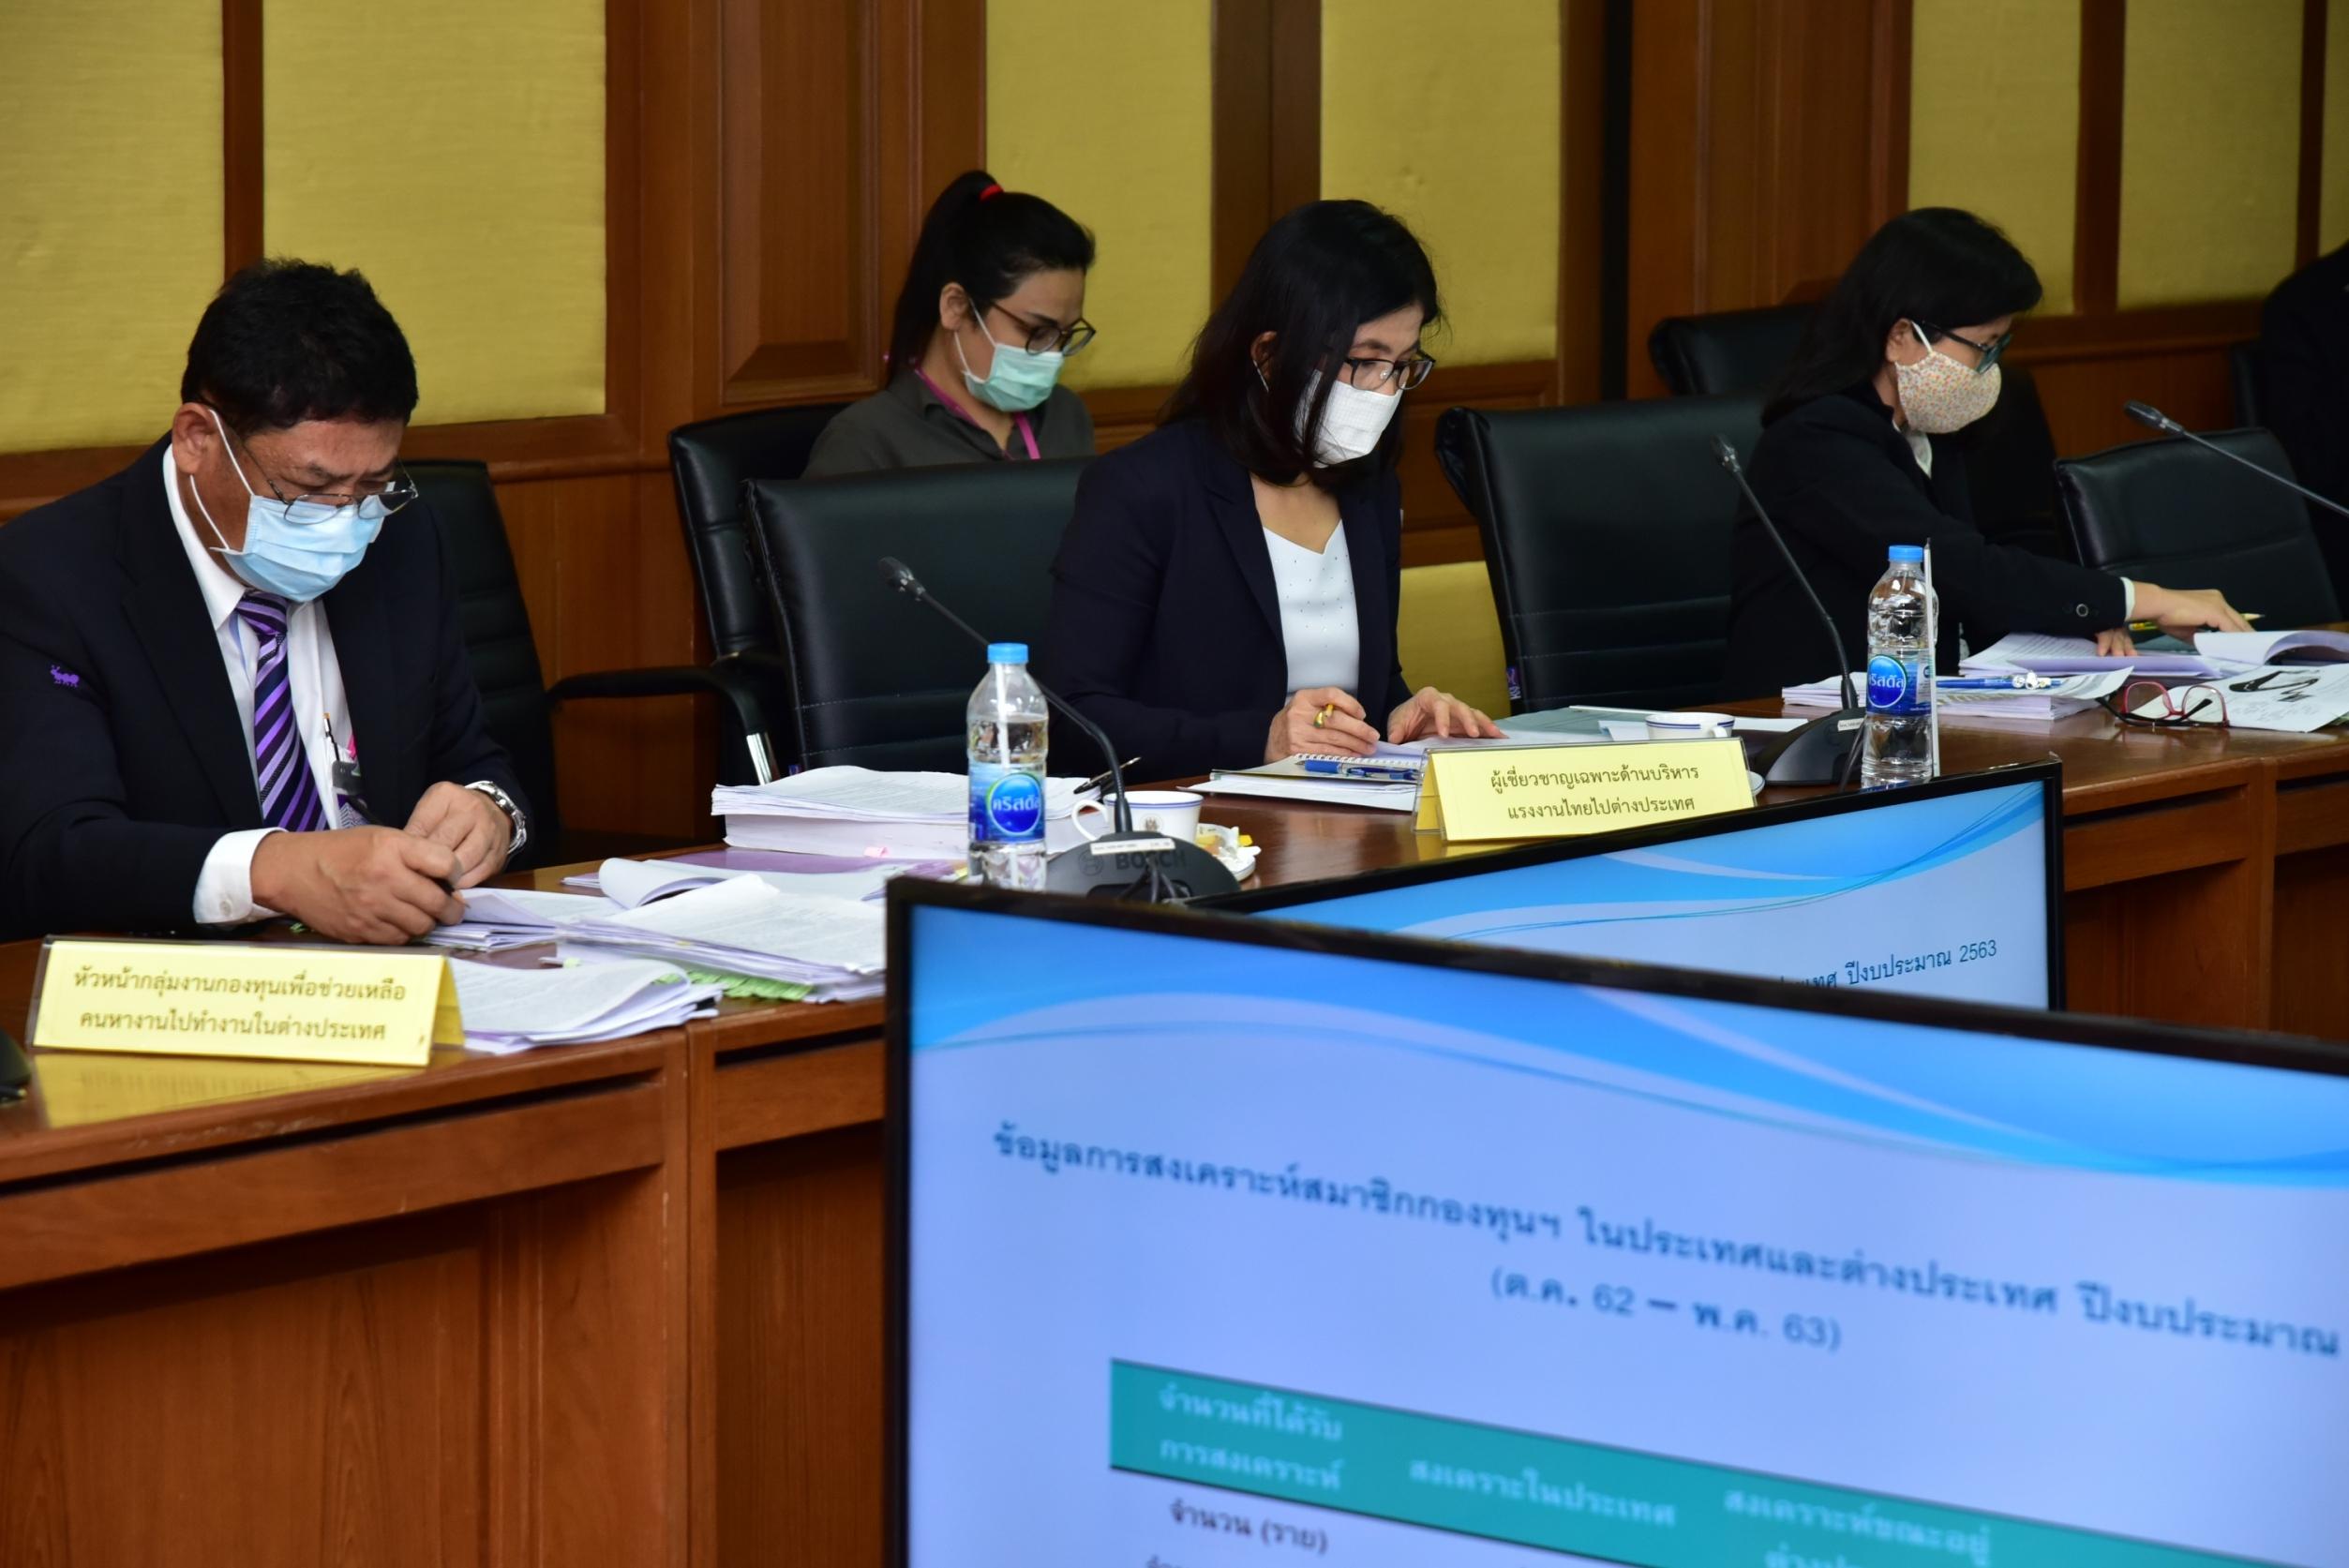 ประชุมคณะกรรมการกองทุนเพื่อช่วยเหลือคนหางานไปทำงานในต่างประเทศ ครั้งที่ 4/2563 ณ ห้องประชุมเทียน อัชกุล ชั้น 10